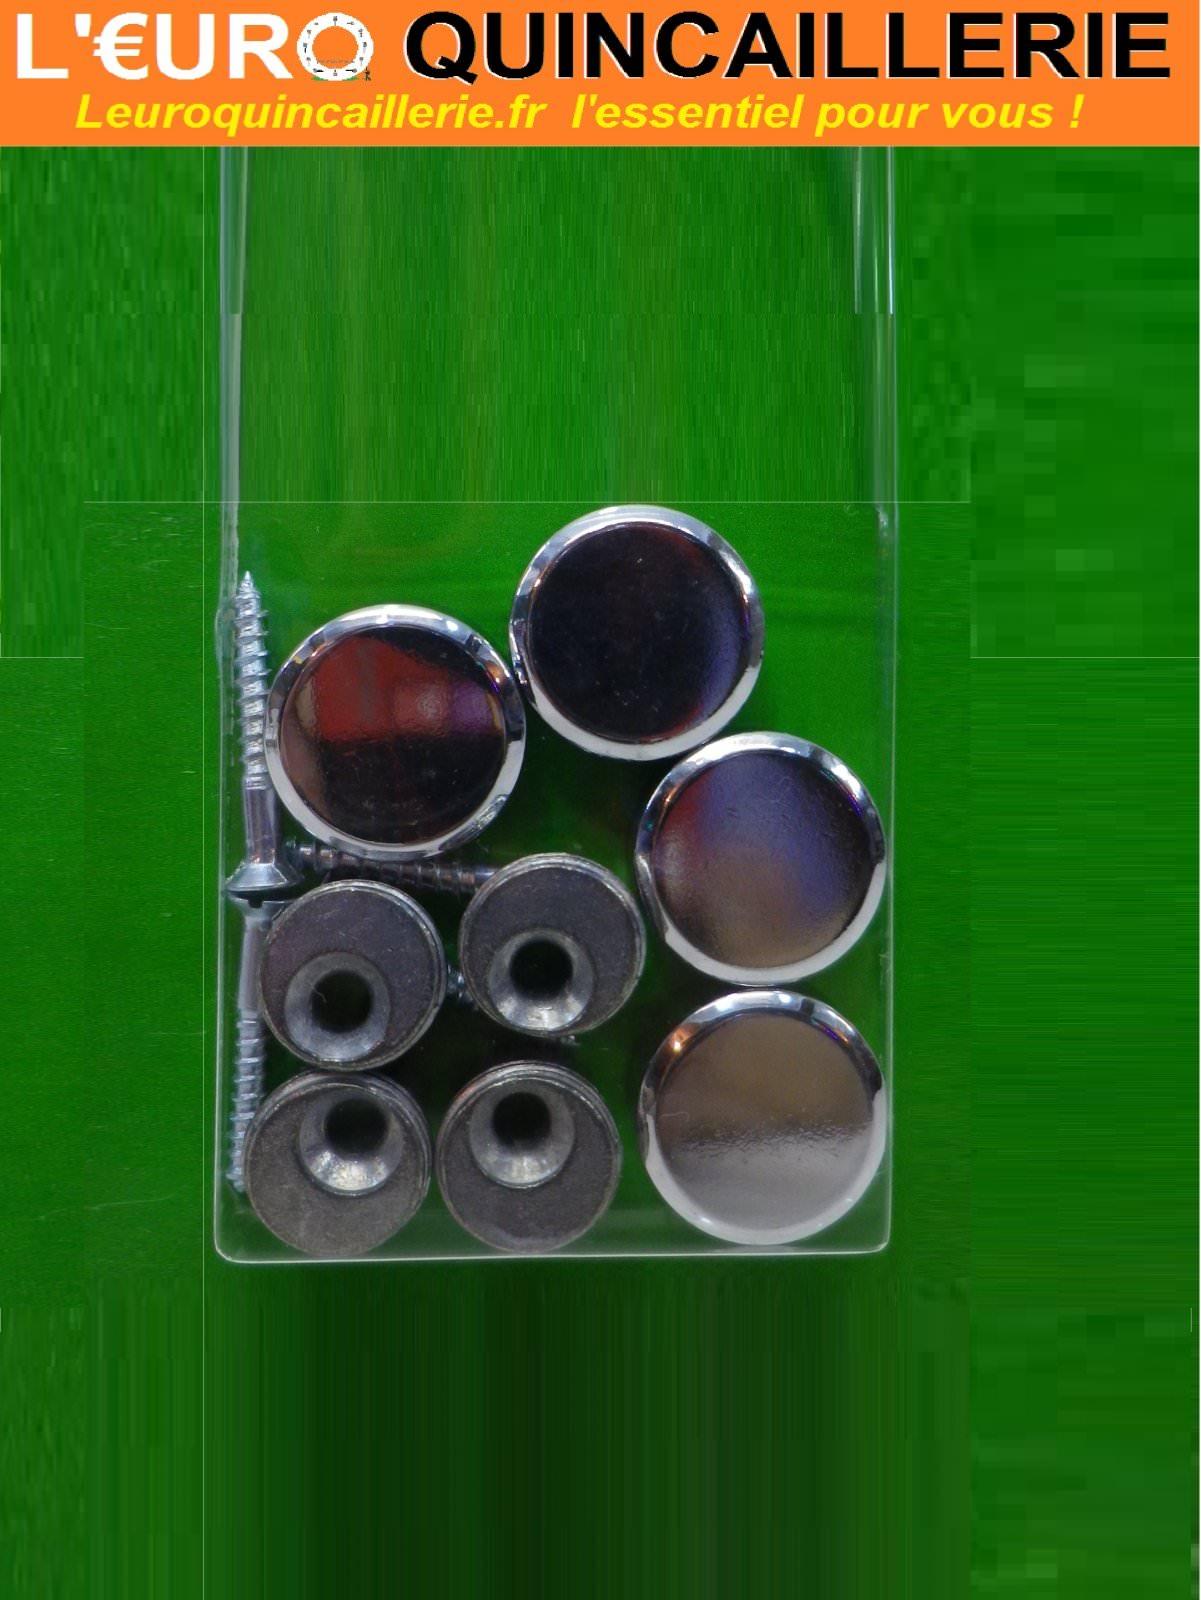 4 Pattes à glace cylindrique laiton chrome